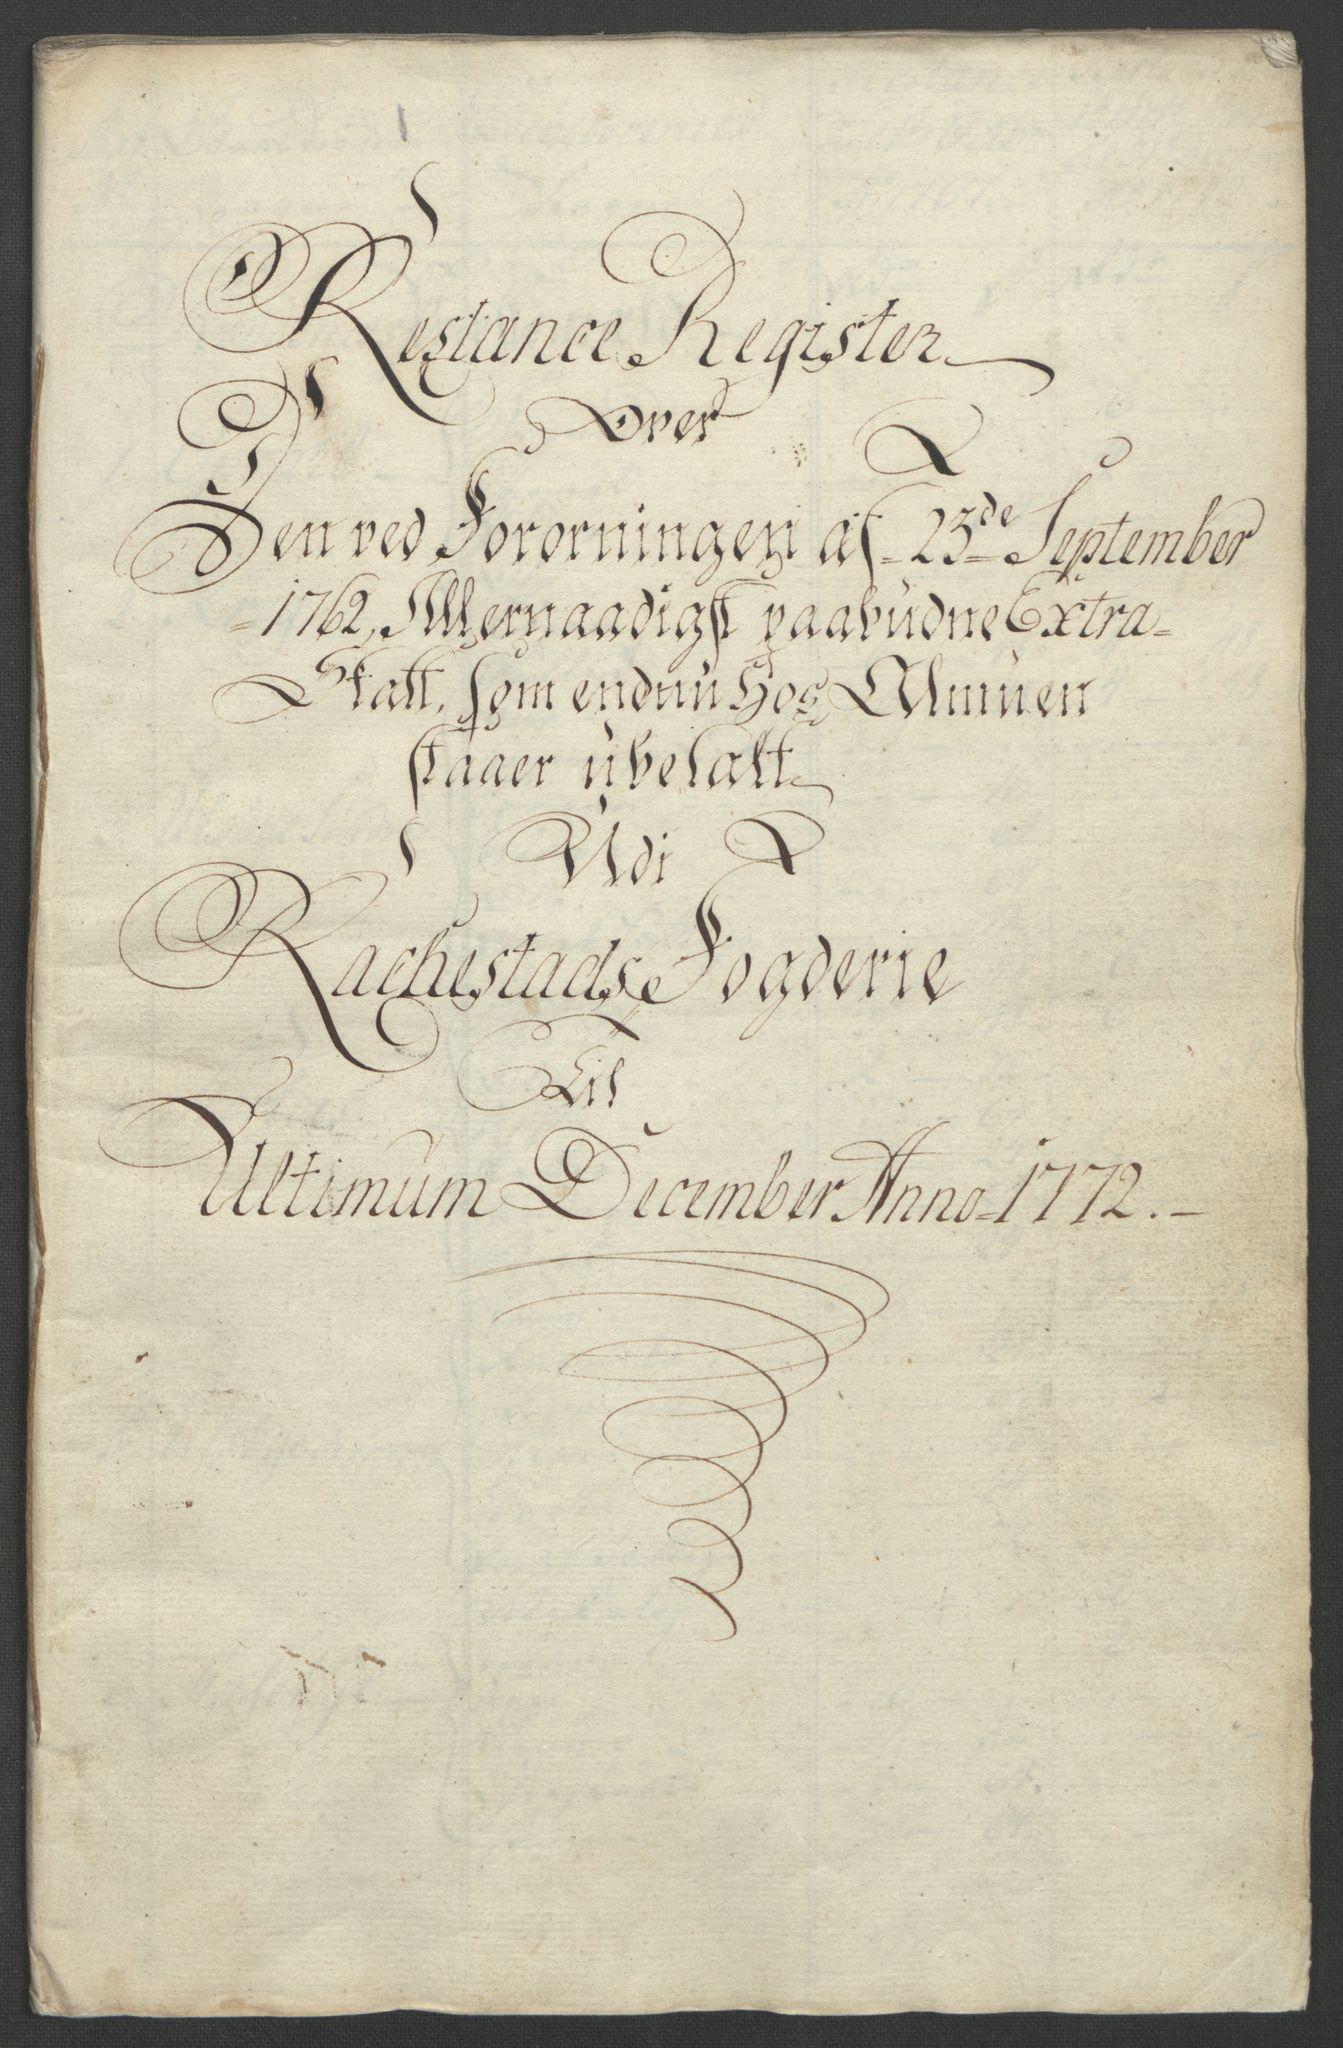 RA, Rentekammeret inntil 1814, Reviderte regnskaper, Fogderegnskap, R07/L0413: Ekstraskatten Rakkestad, Heggen og Frøland, 1762-1772, s. 533